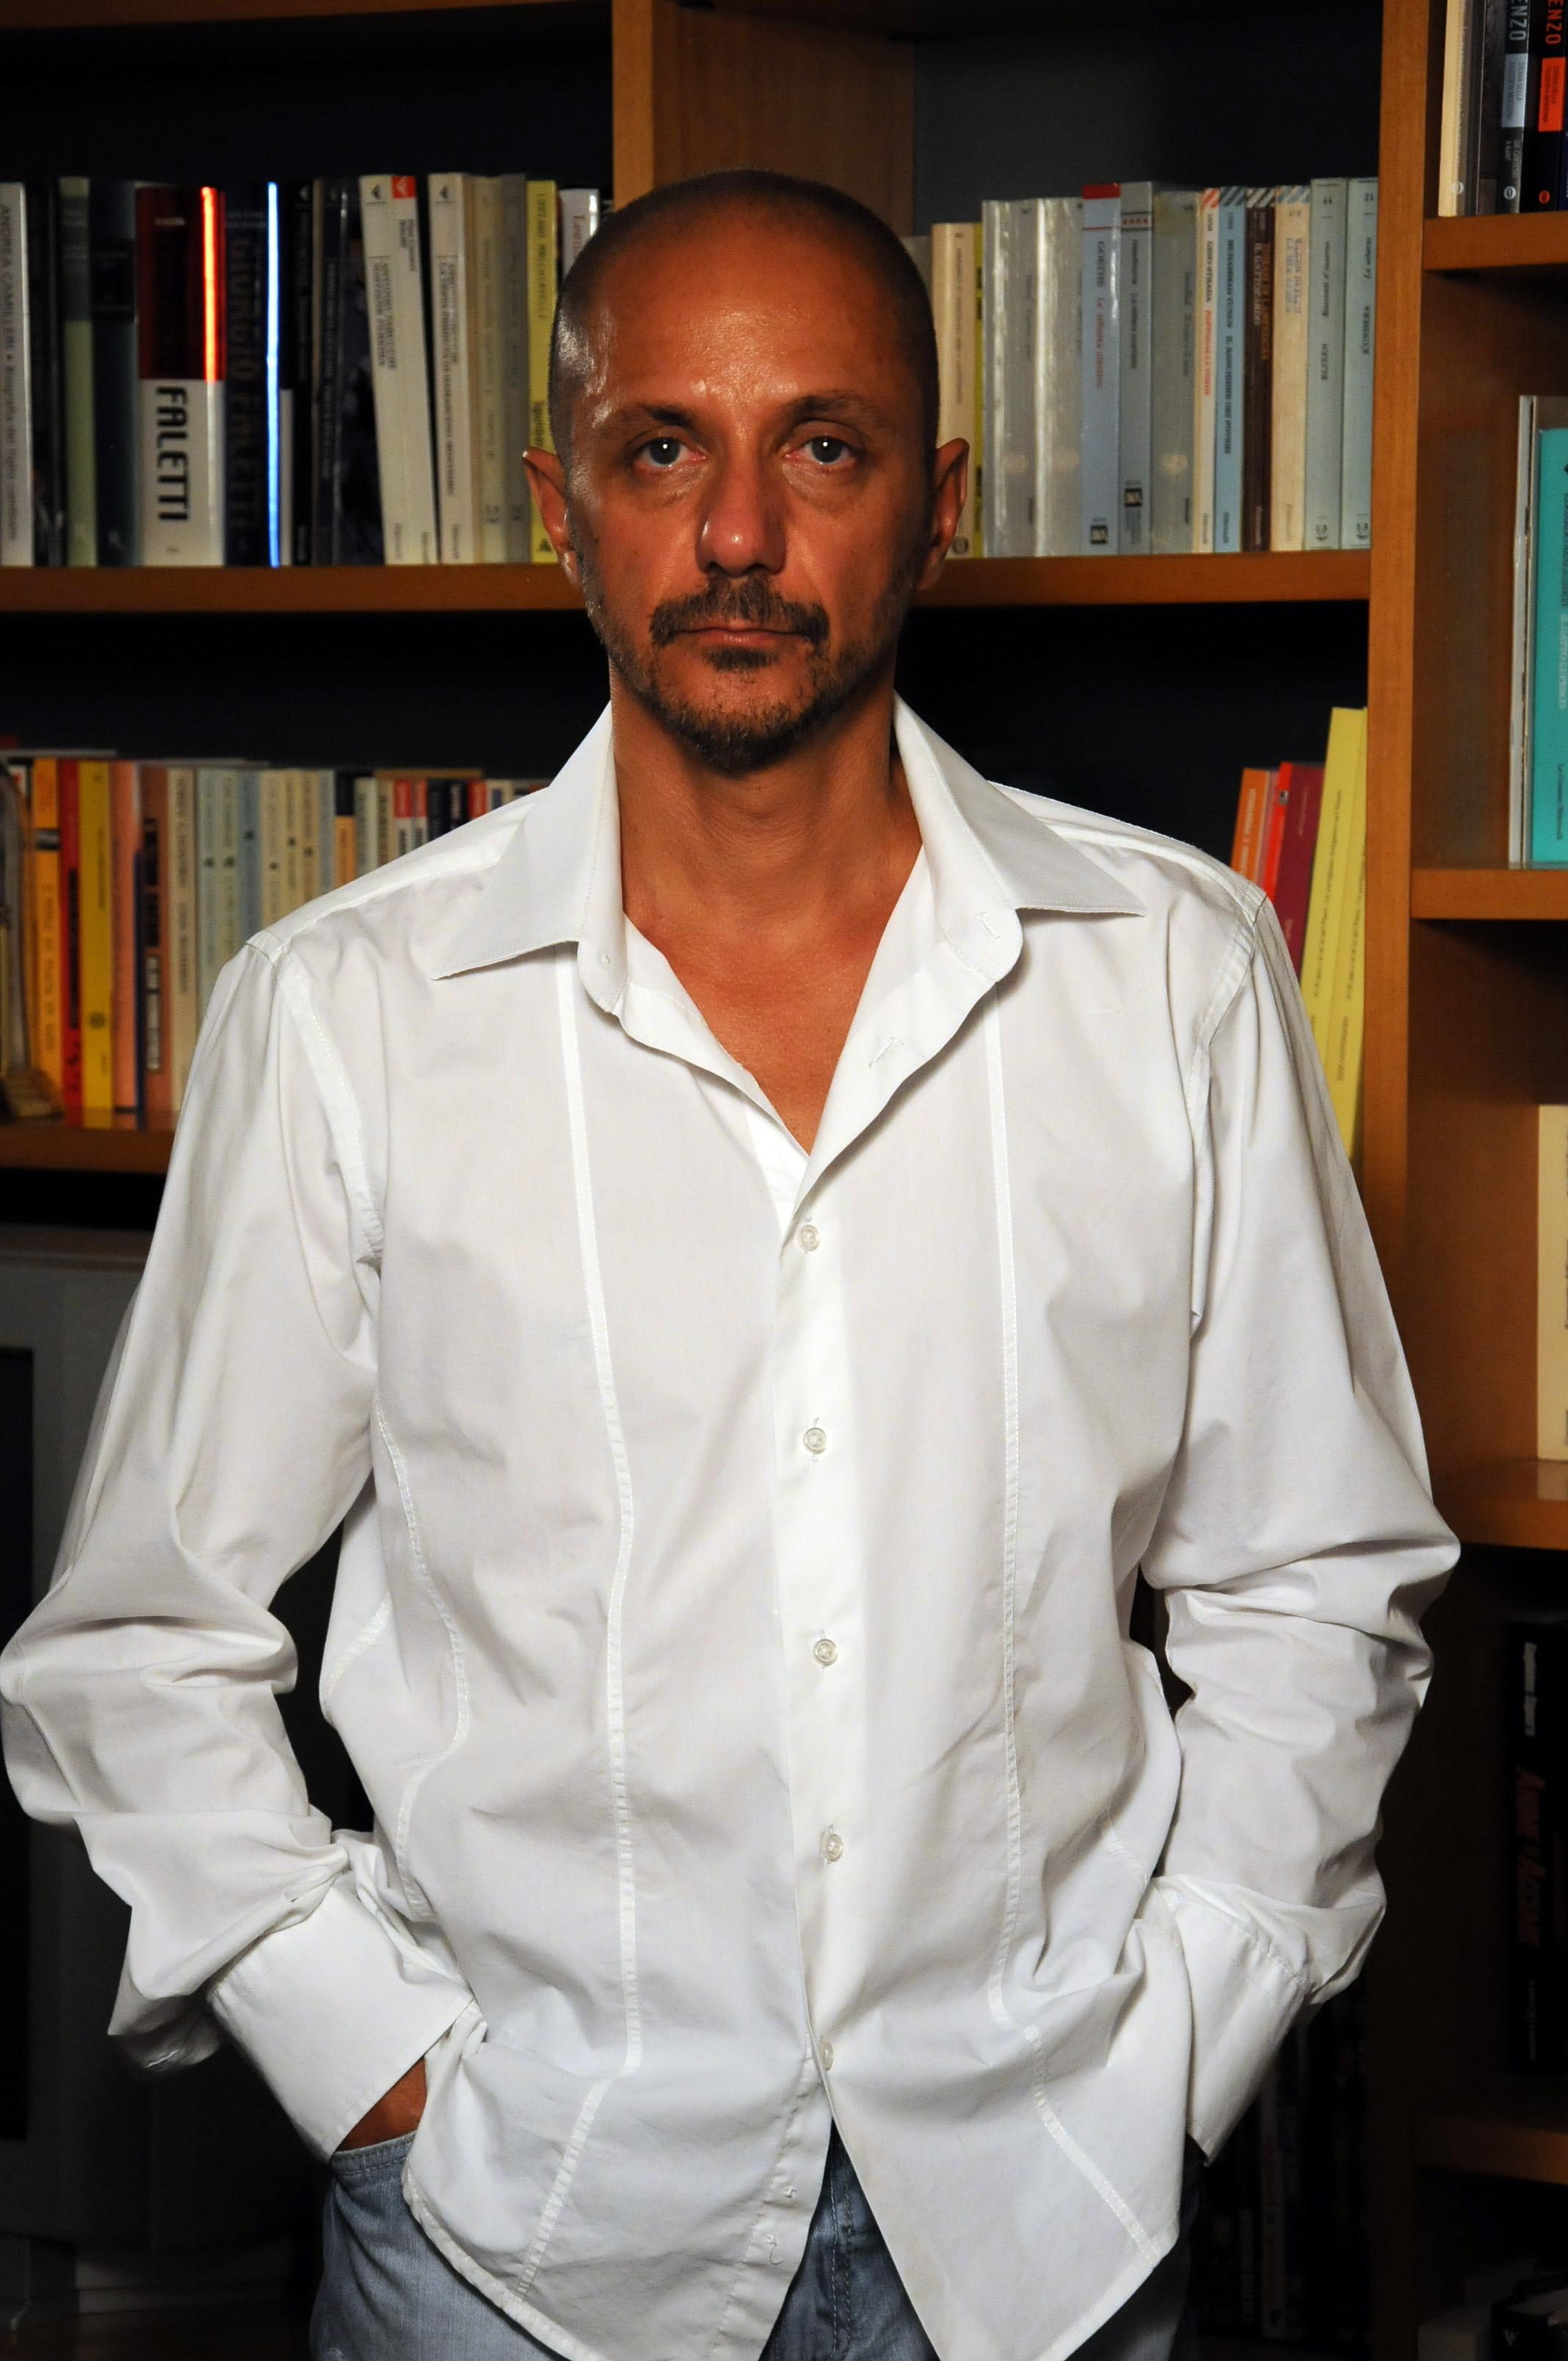 Risultati immagini per Giuliano Bugani operaio, giornalista, poeta